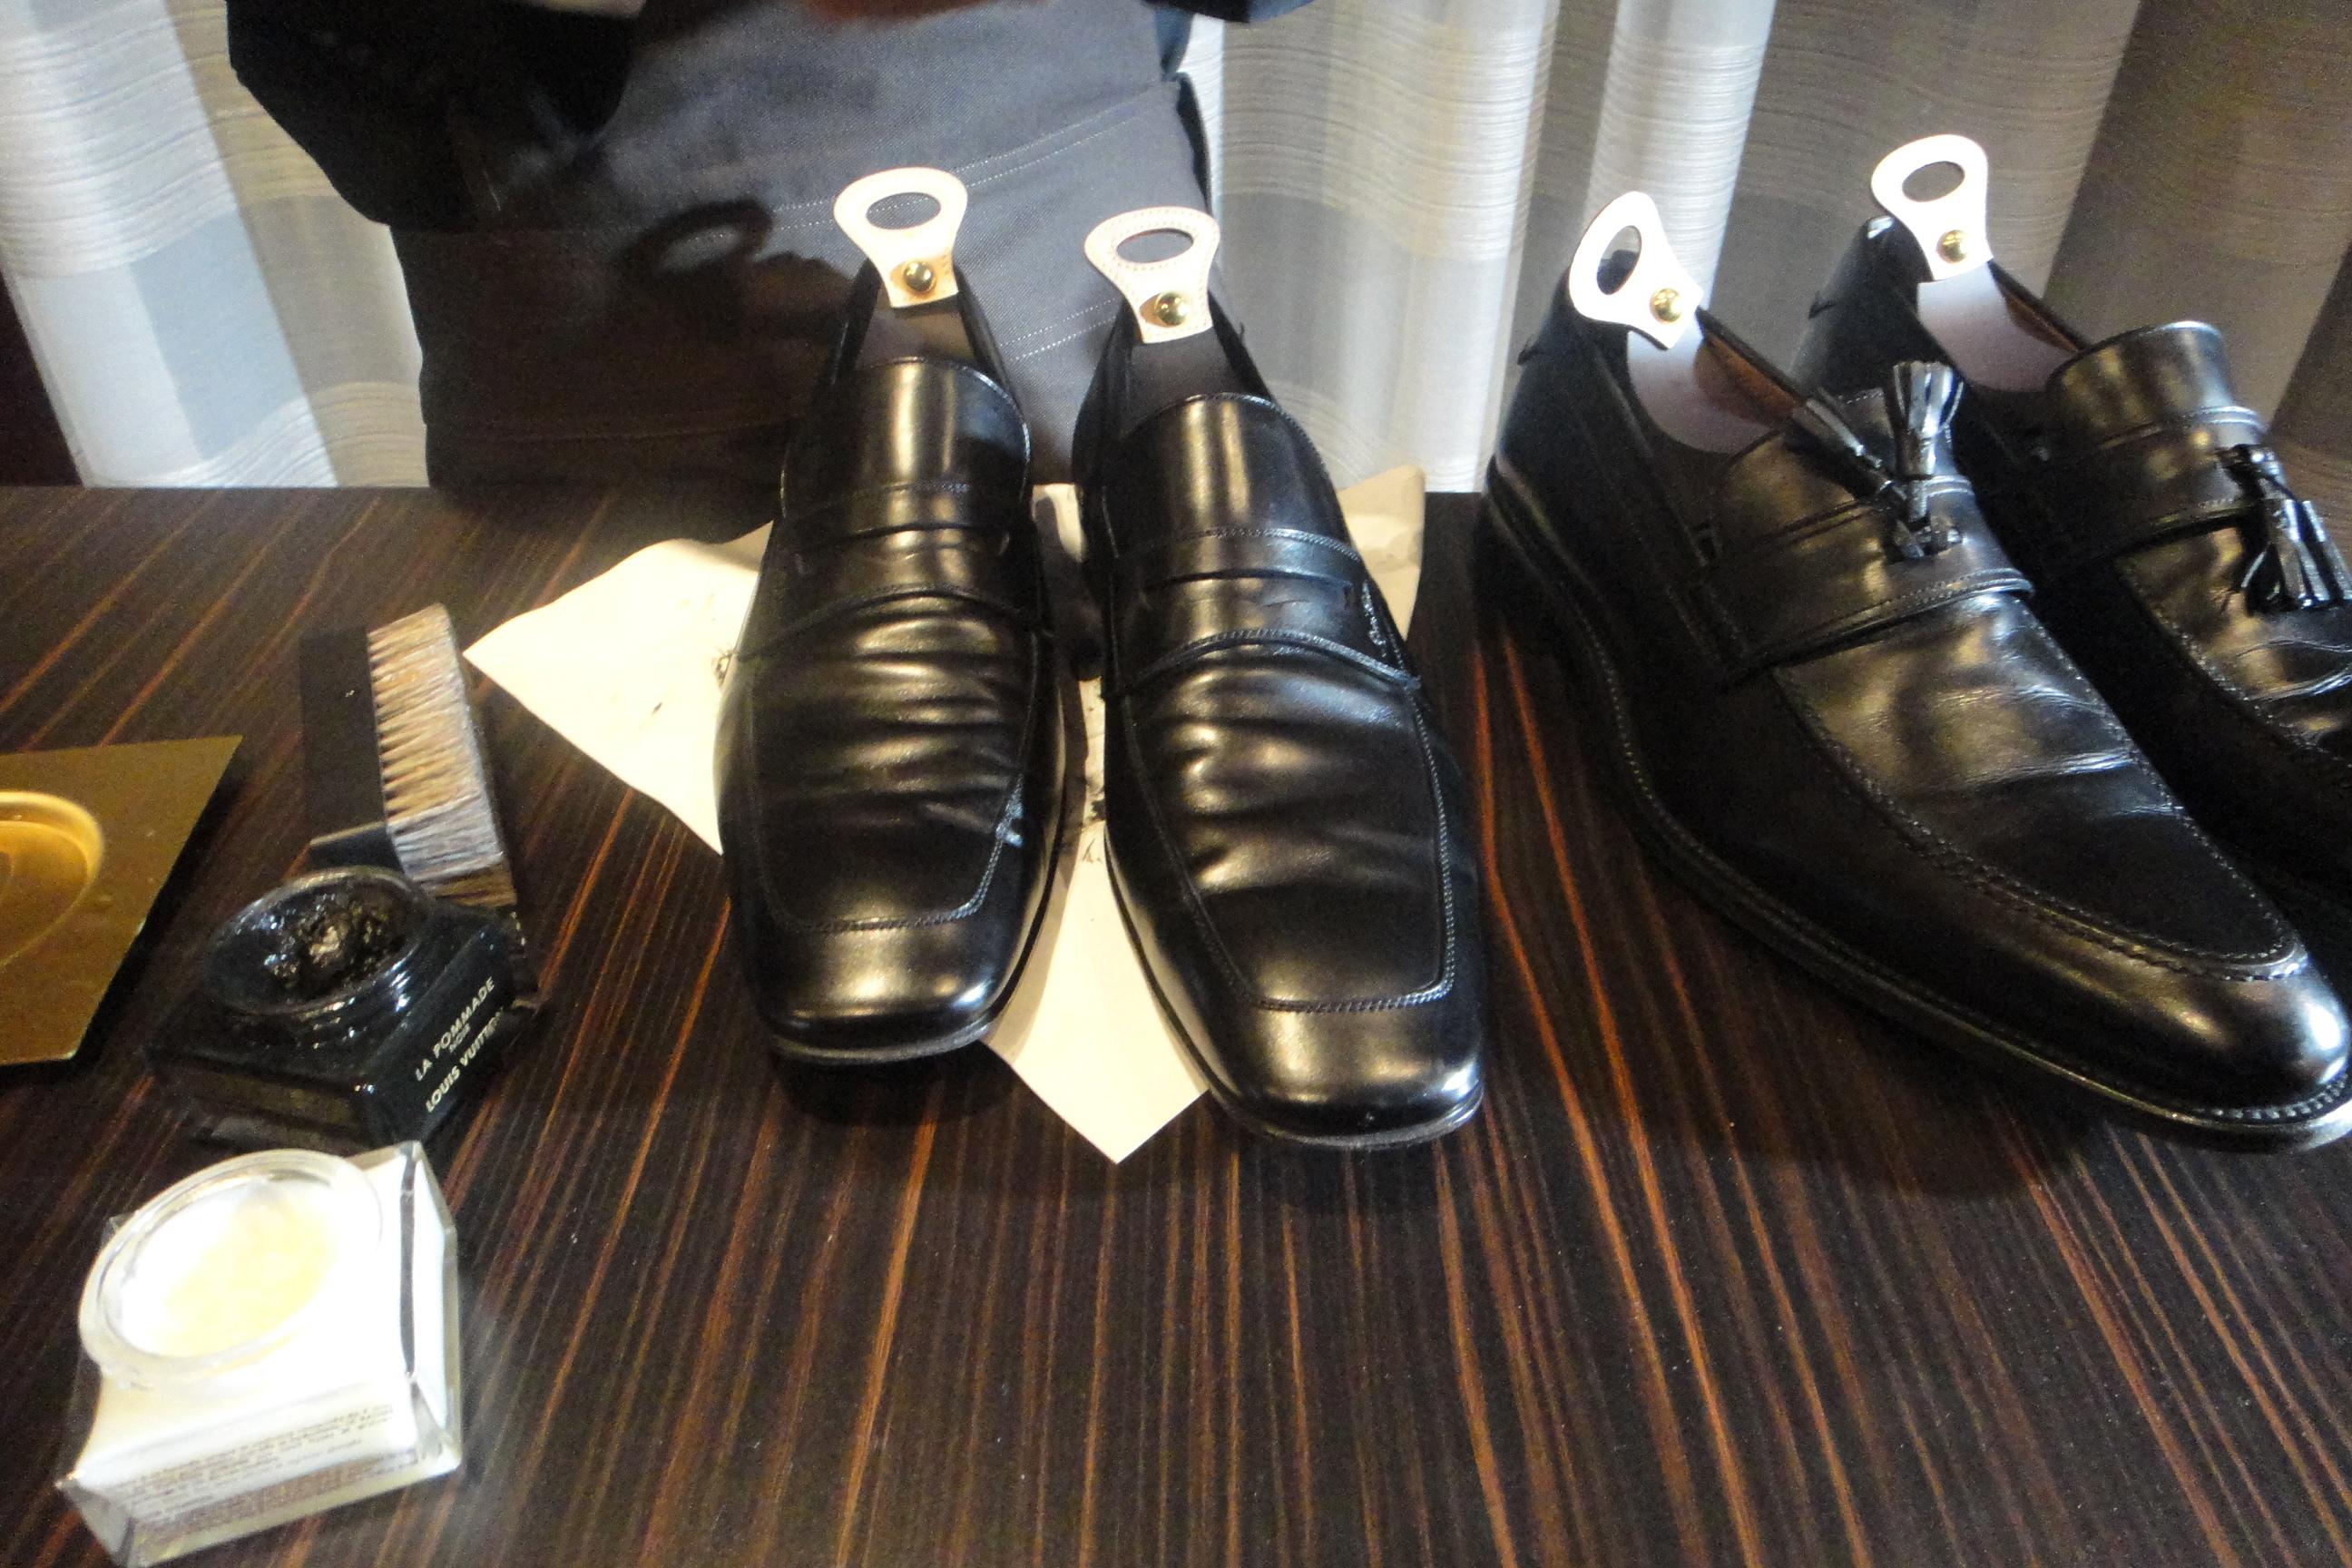 shoe polishing station